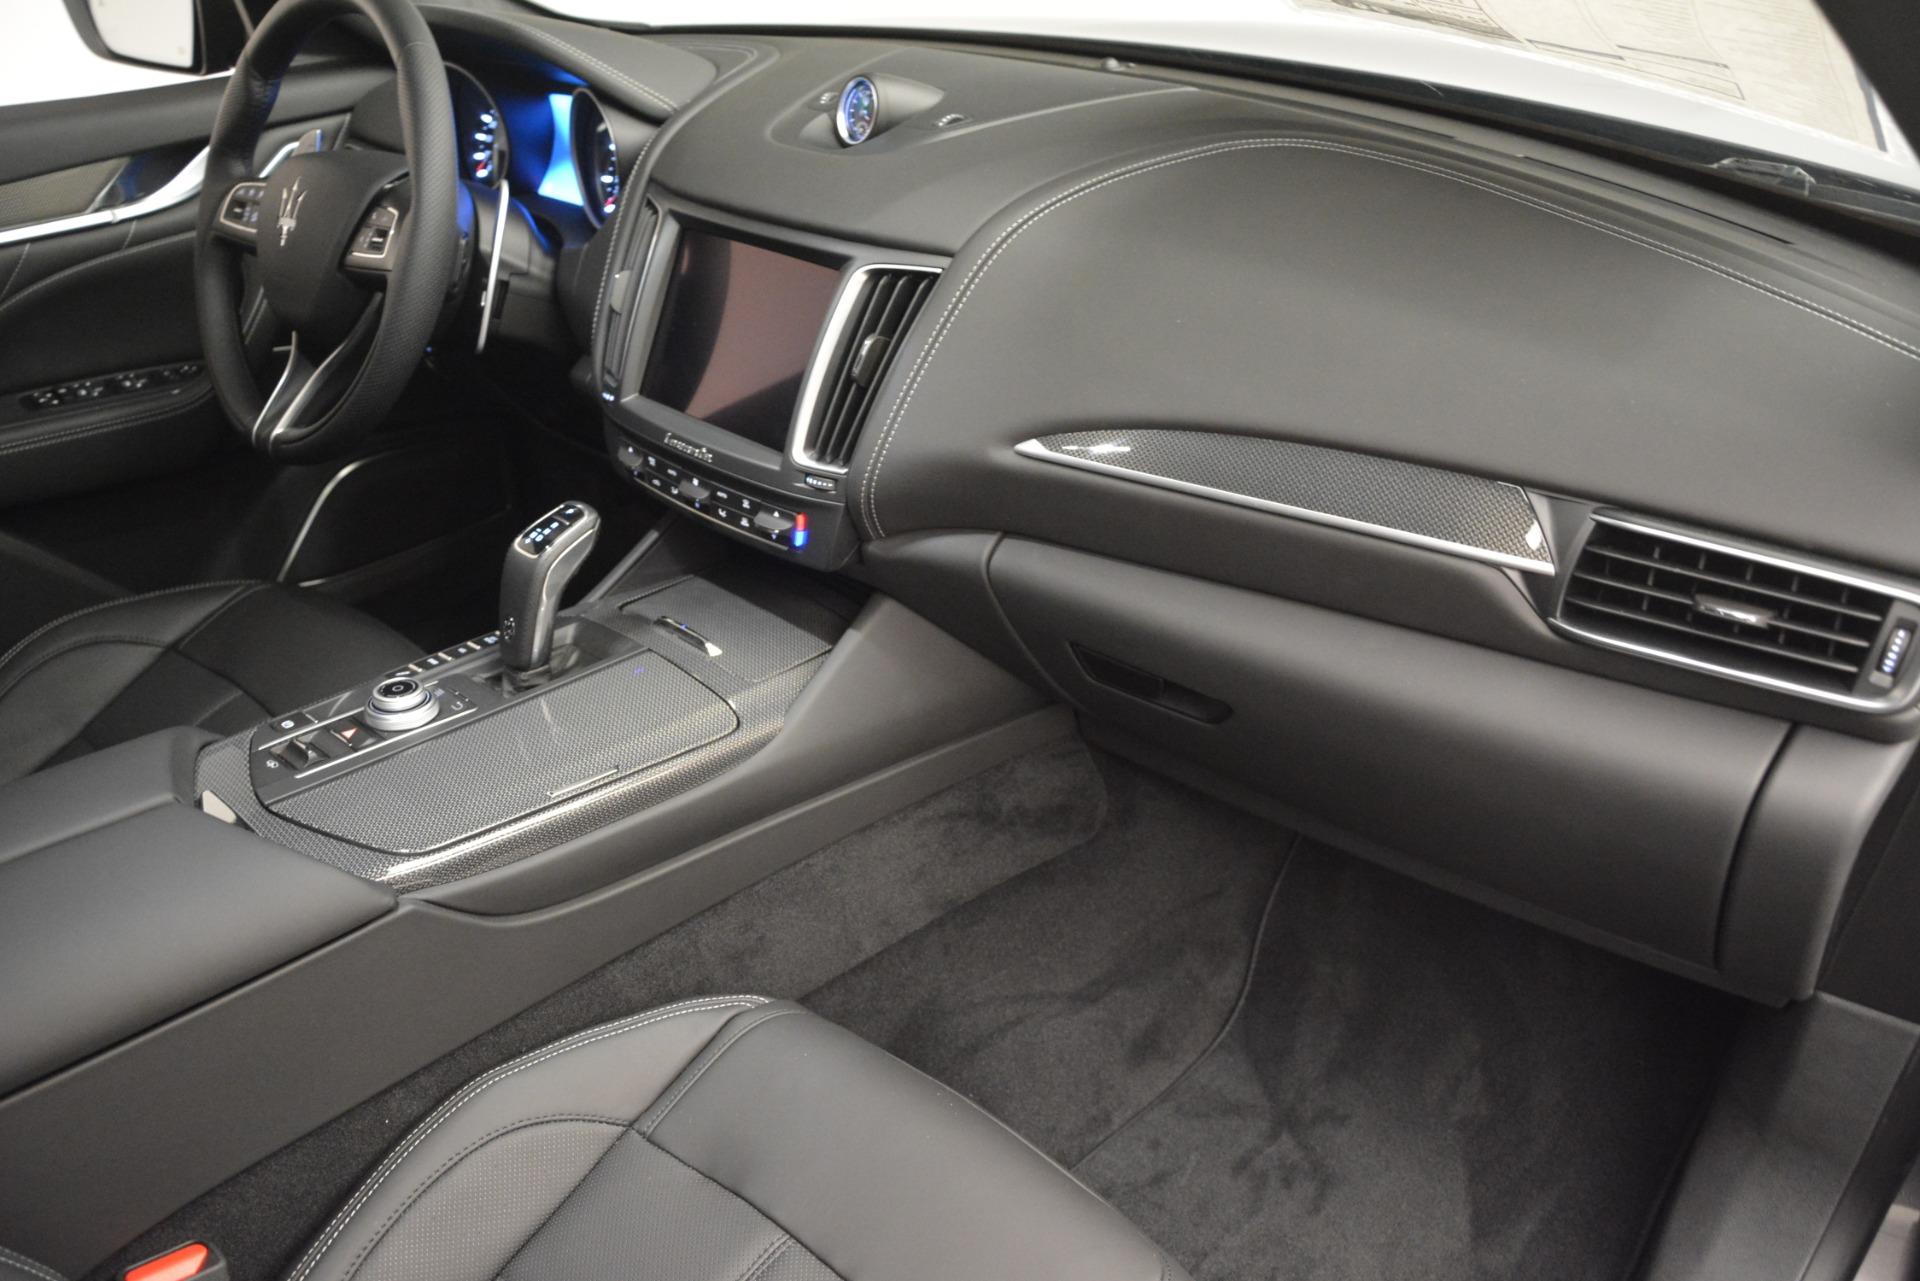 New 2019 Maserati Levante SQ4 GranSport Nerissimo For Sale In Greenwich, CT 3146_p22